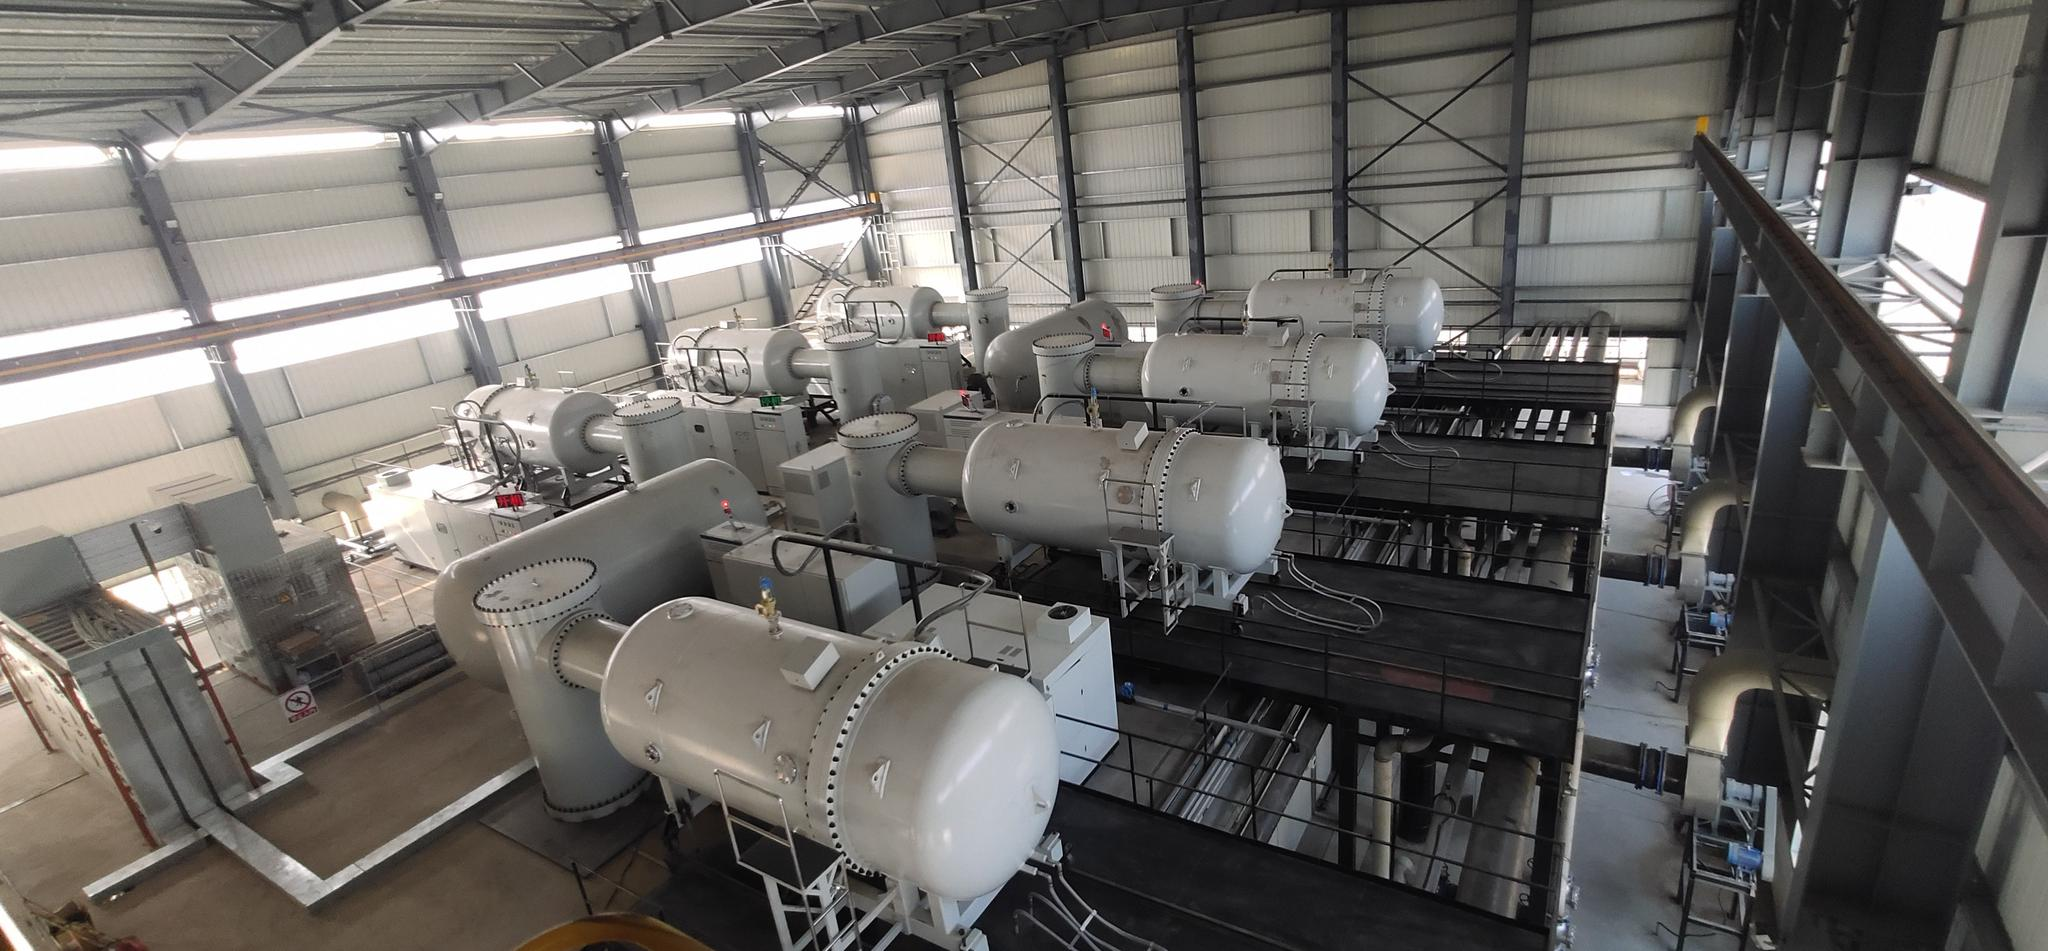 走进中广核技电子加速器研发制造基地 电子束治污优势显著